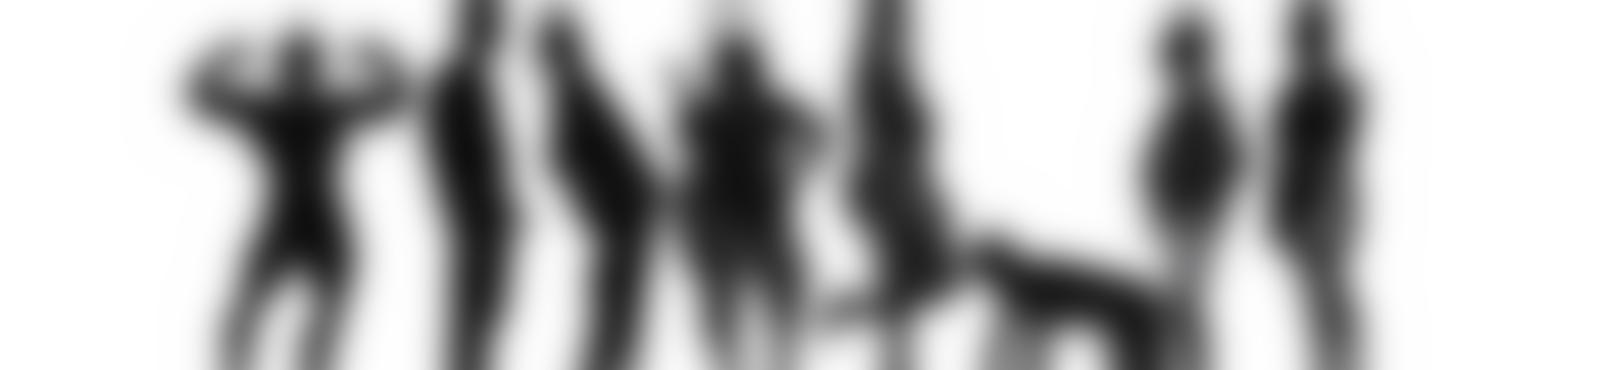 Blurred 2e071de9 22a7 46a4 92e0 7422a9e8b0e2